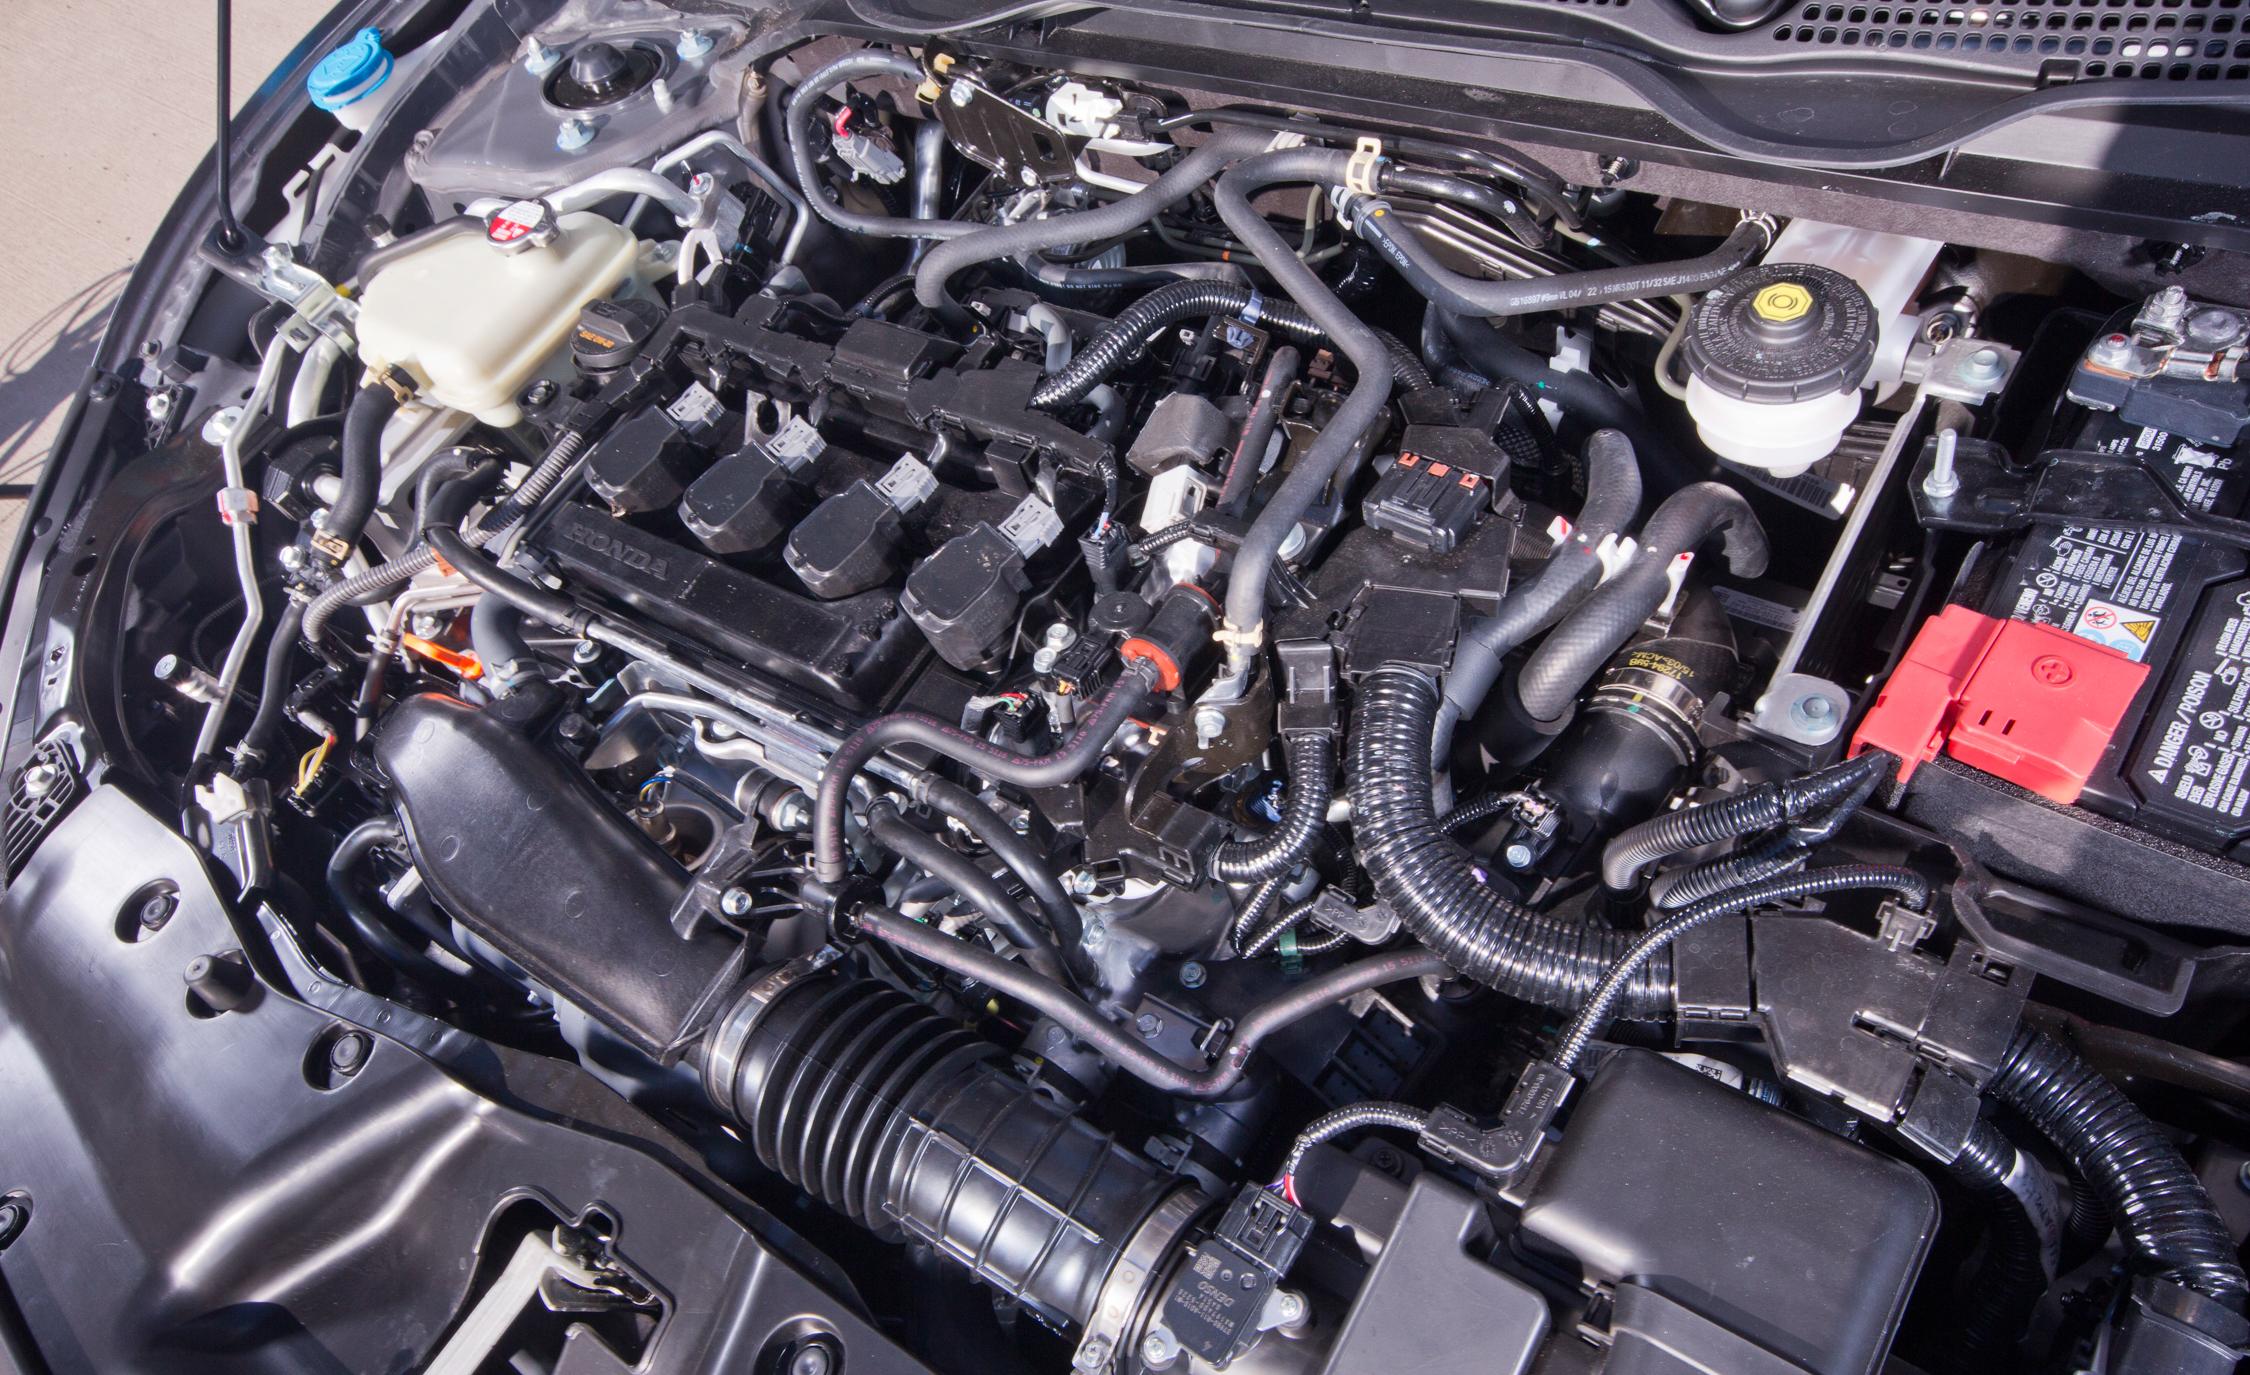 2016 Honda Civic Touring Turbocharged 1.5-L Inline-4 Engine